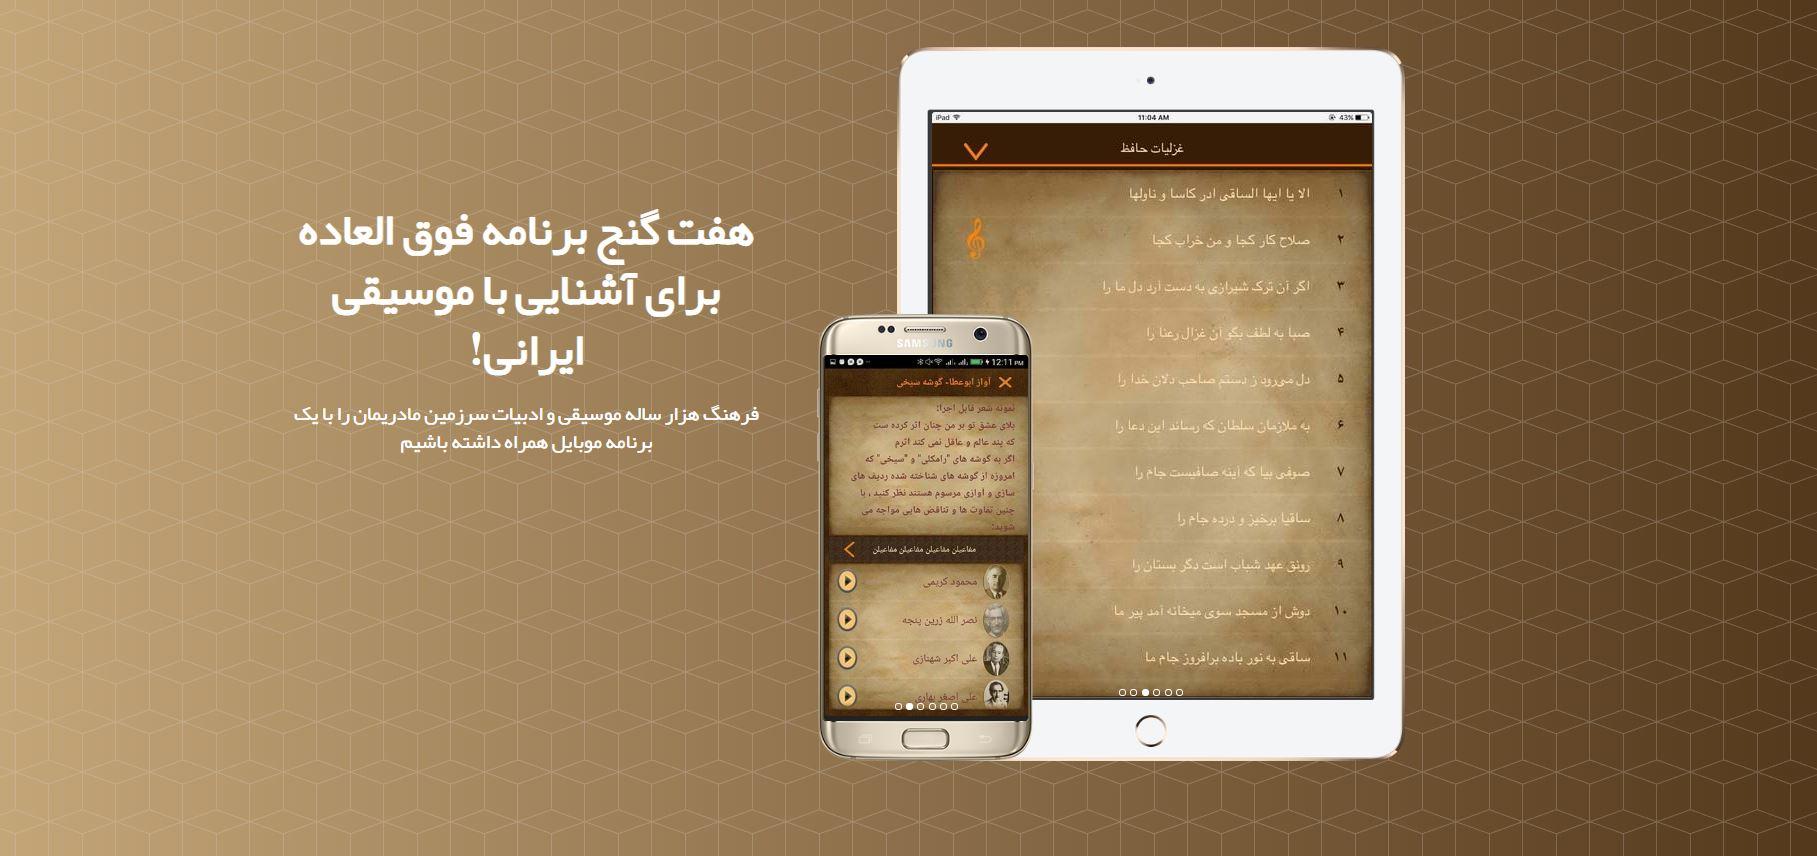 معرفی نرم افزار هفت گنج؛ لذت آشنایی با موسیقی ایرانی